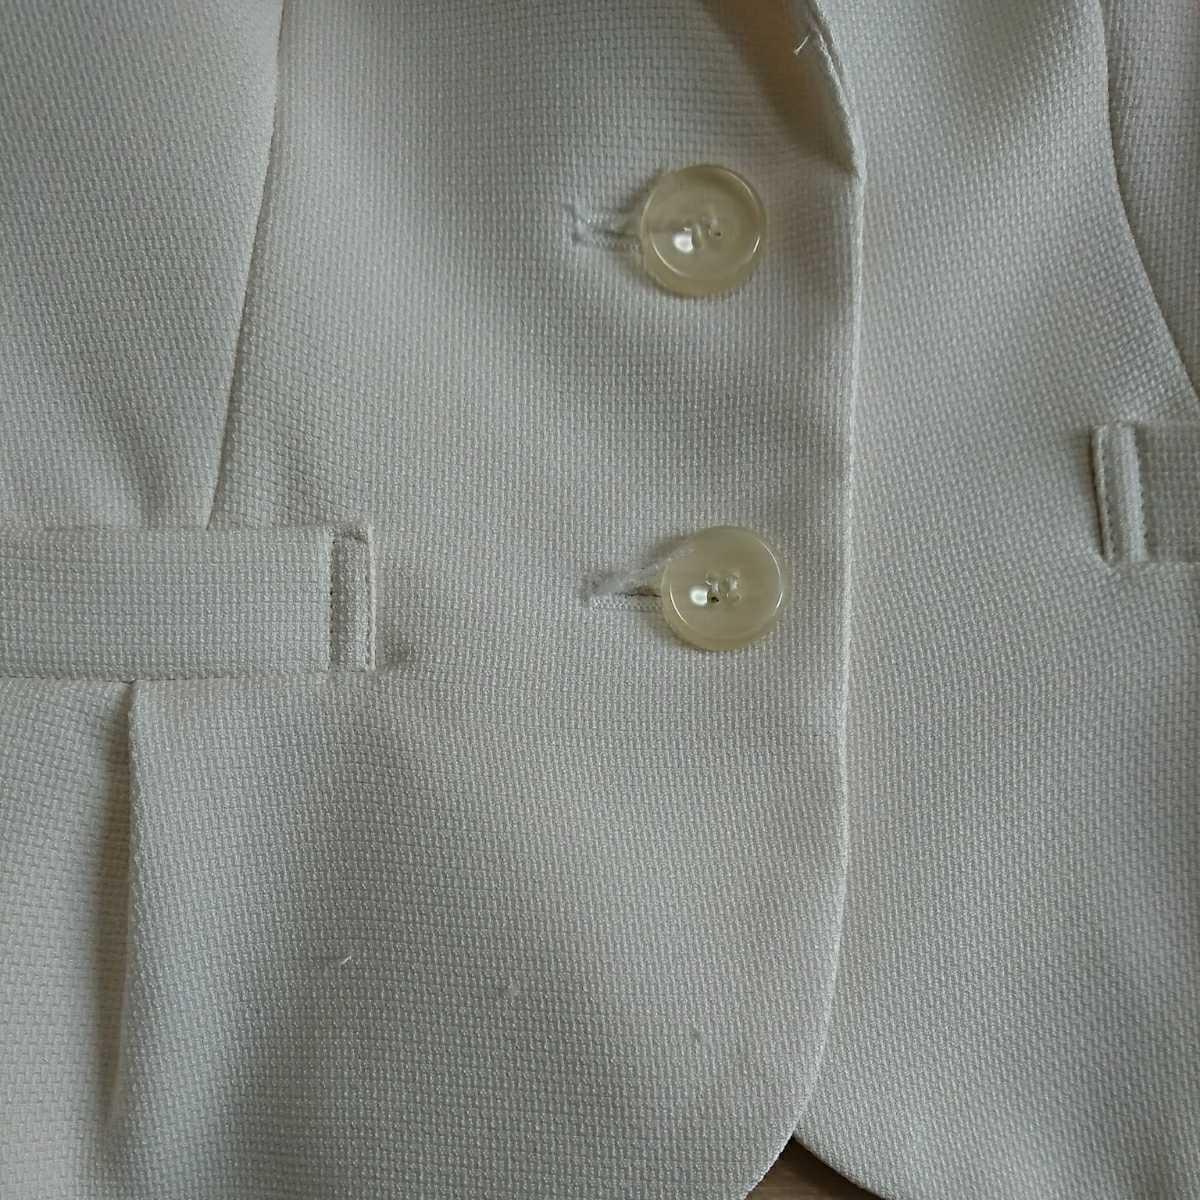 送料込み フォーマルスーツ 7号 アイボリー ジャケット スカート ベージュ シフォン ワンピース 3点セット 入学式 七五三 結婚式 クーポン_画像5